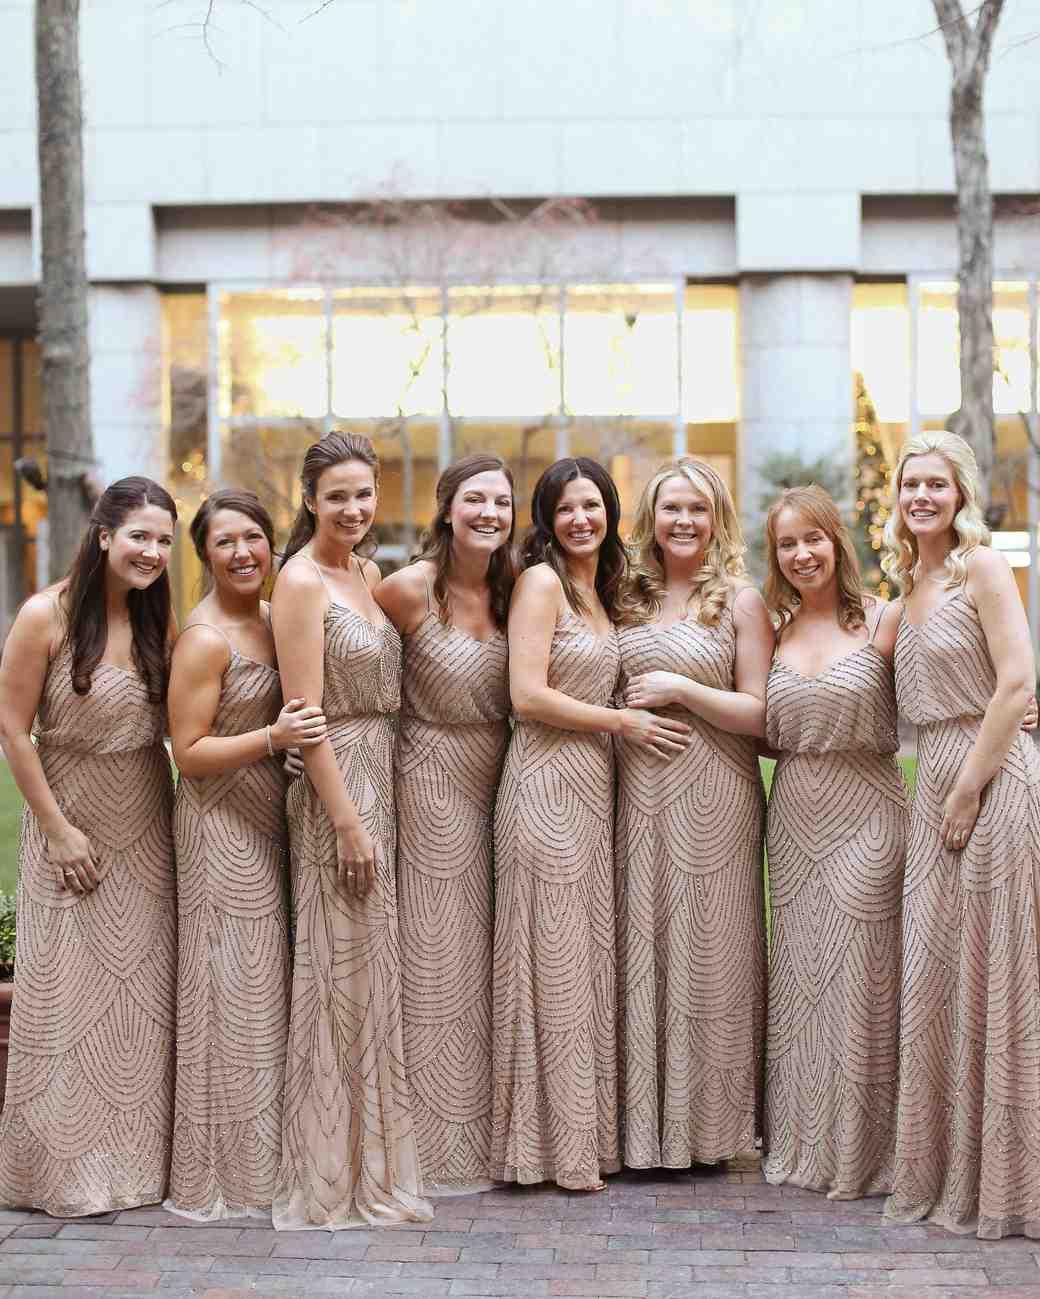 Bridesmaid Dresses Philadelphia - Vosoi.com